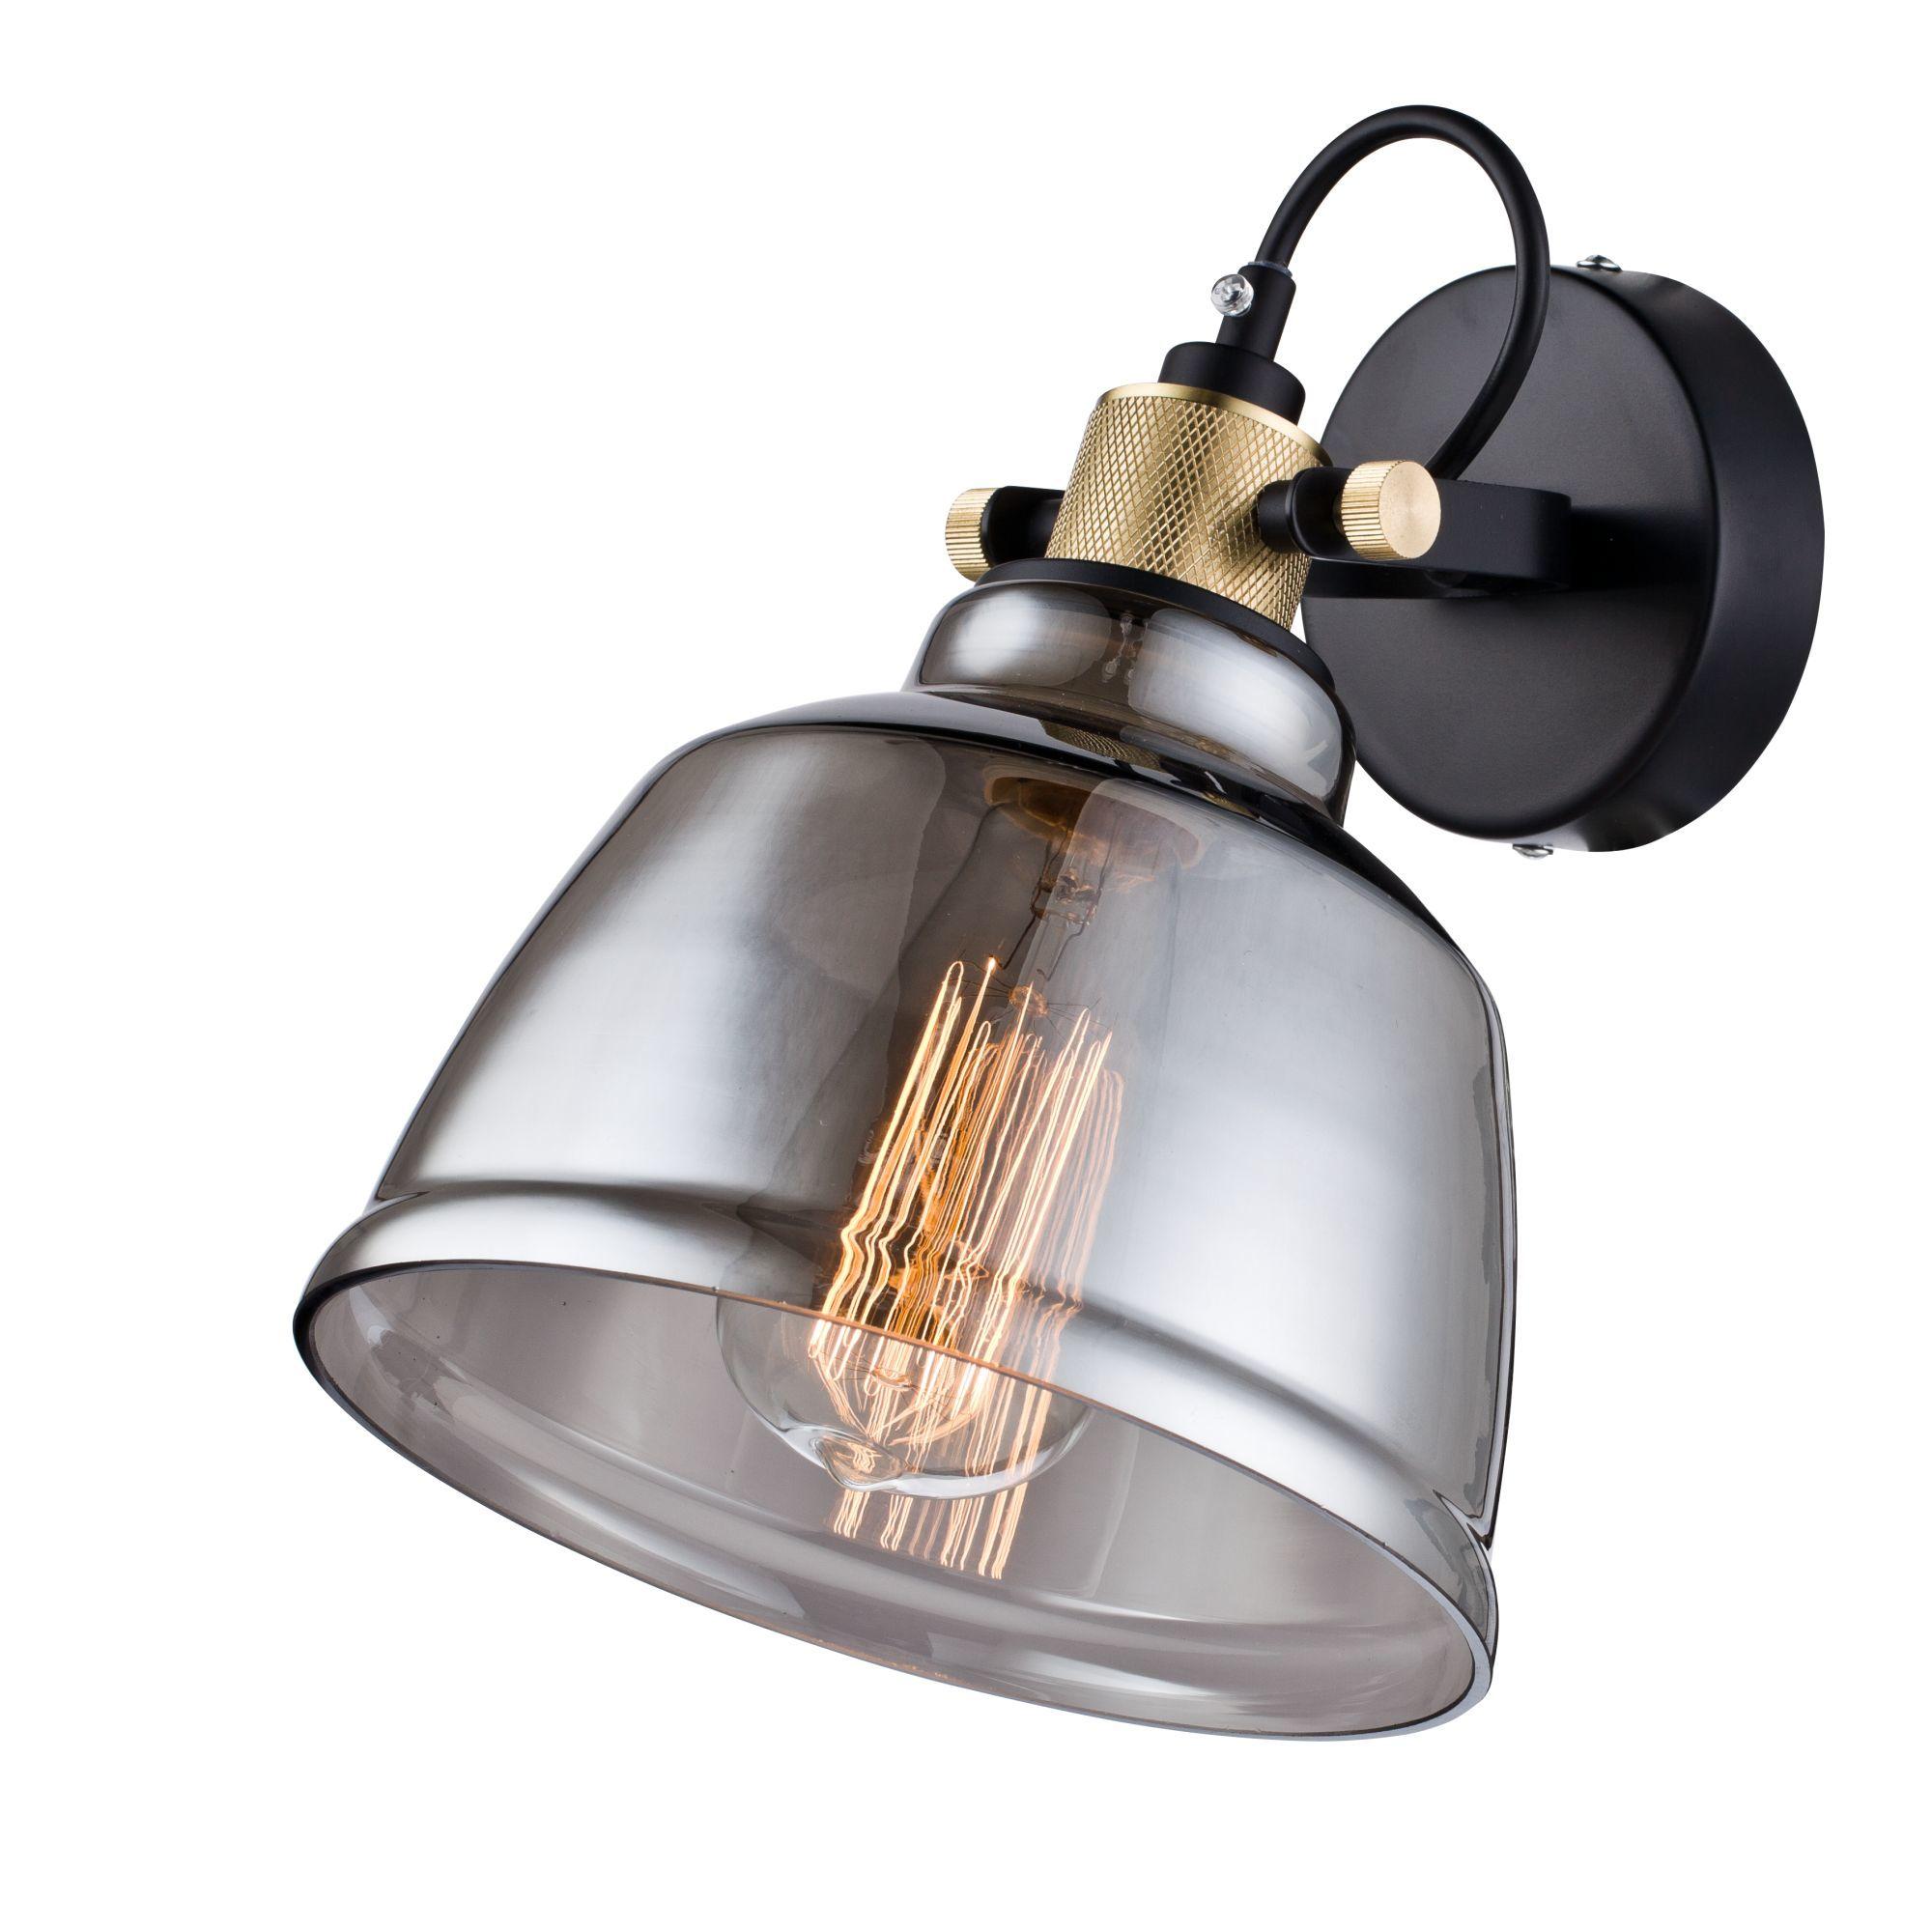 Настенный светильник с регулировкой направления света Maytoni Modern Irving T163-01-C, 1xE27x40W, черный, дымчатый, металл, стекло - фото 2